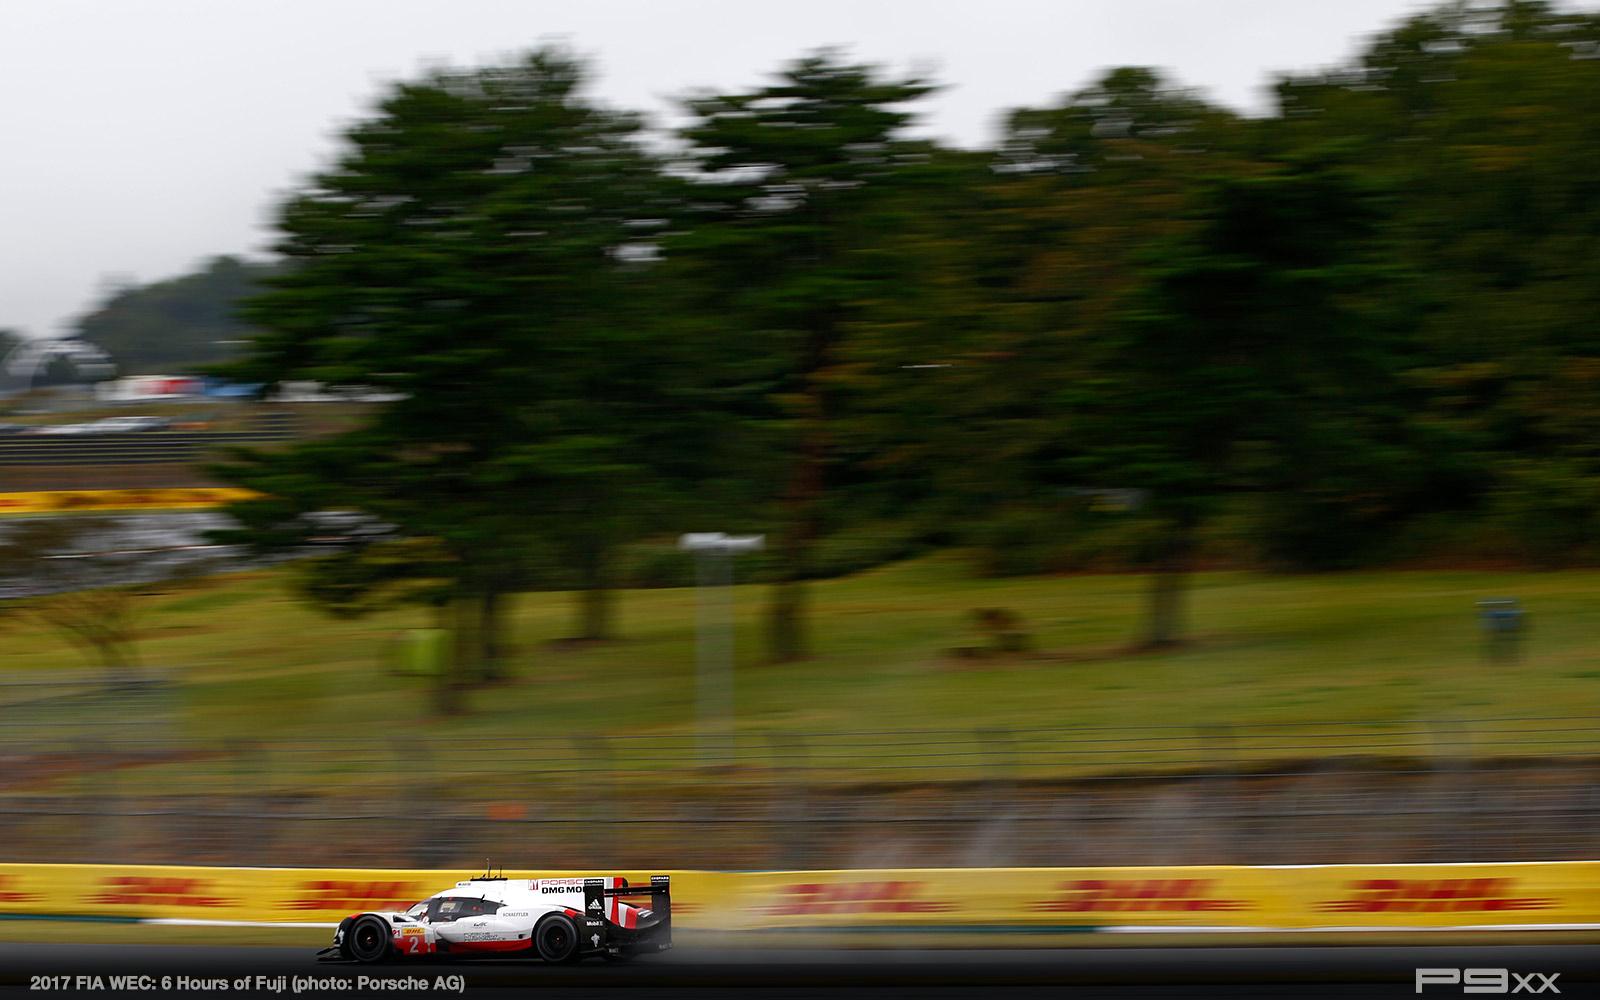 2017-FIA-WEC-6h-of-Fuji-Porsche-407